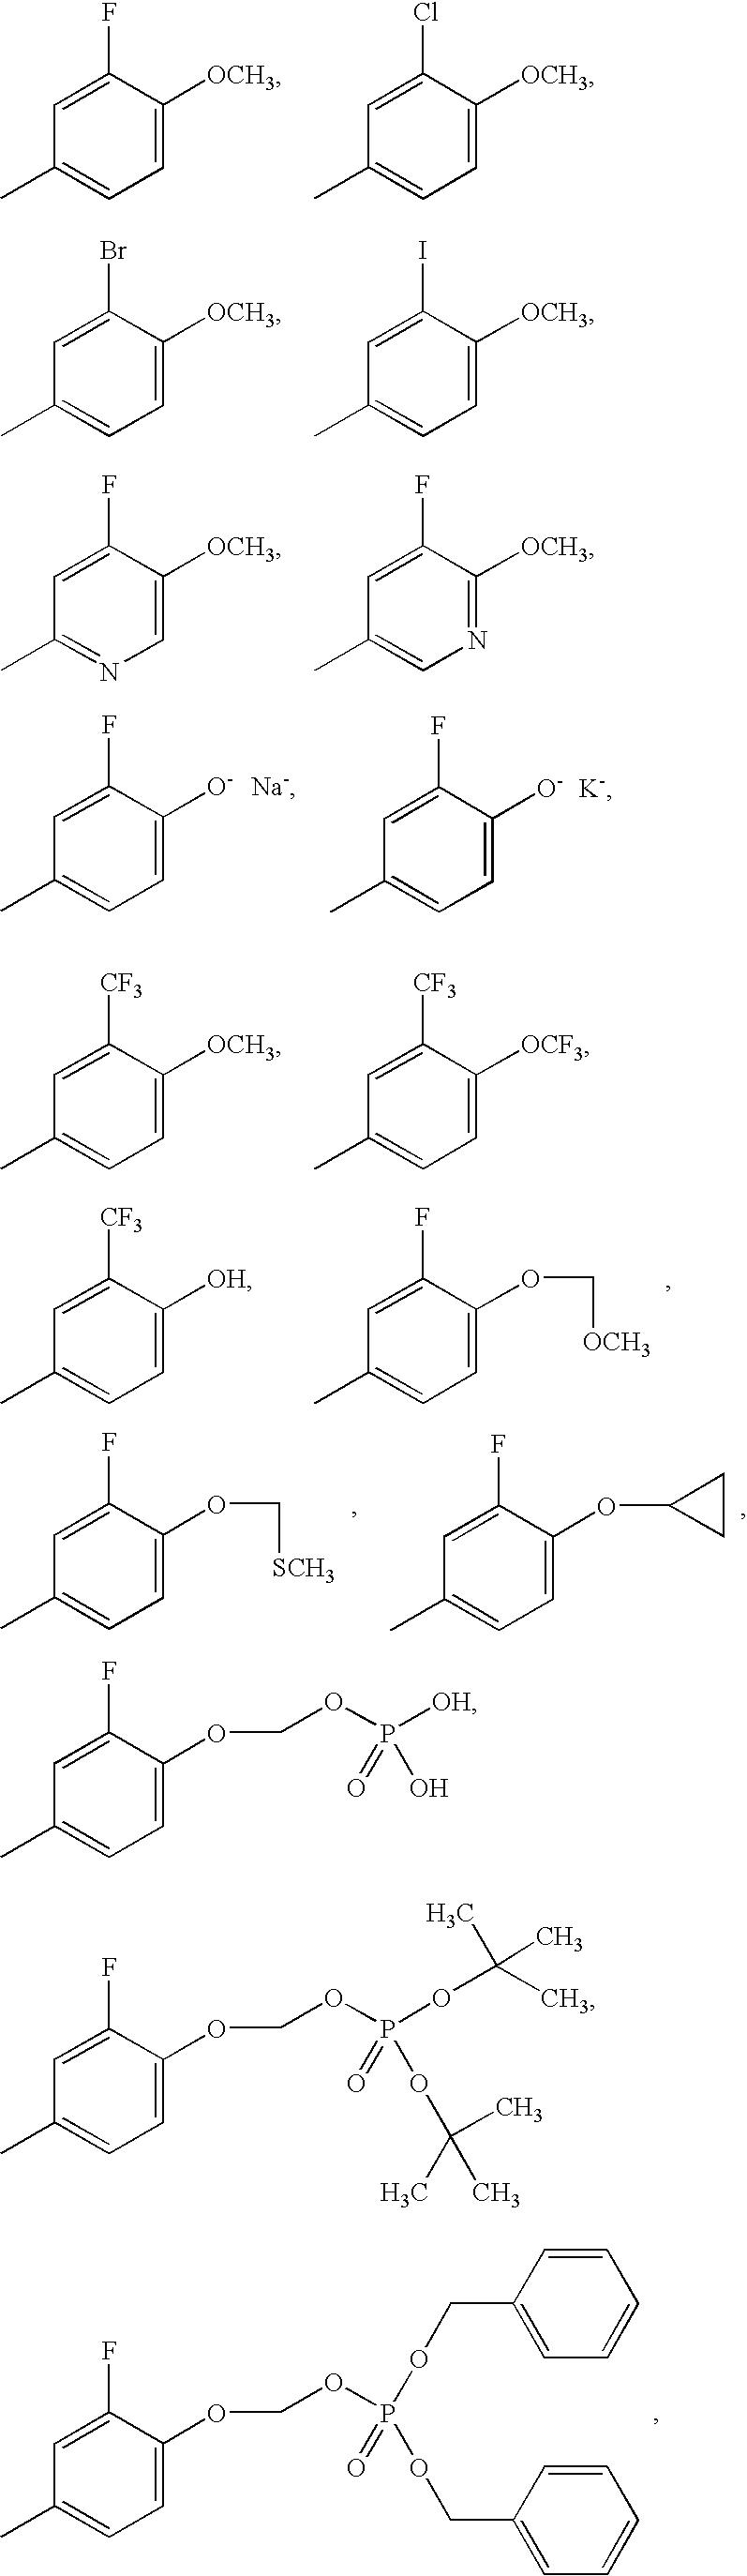 Figure US20050113341A1-20050526-C00101